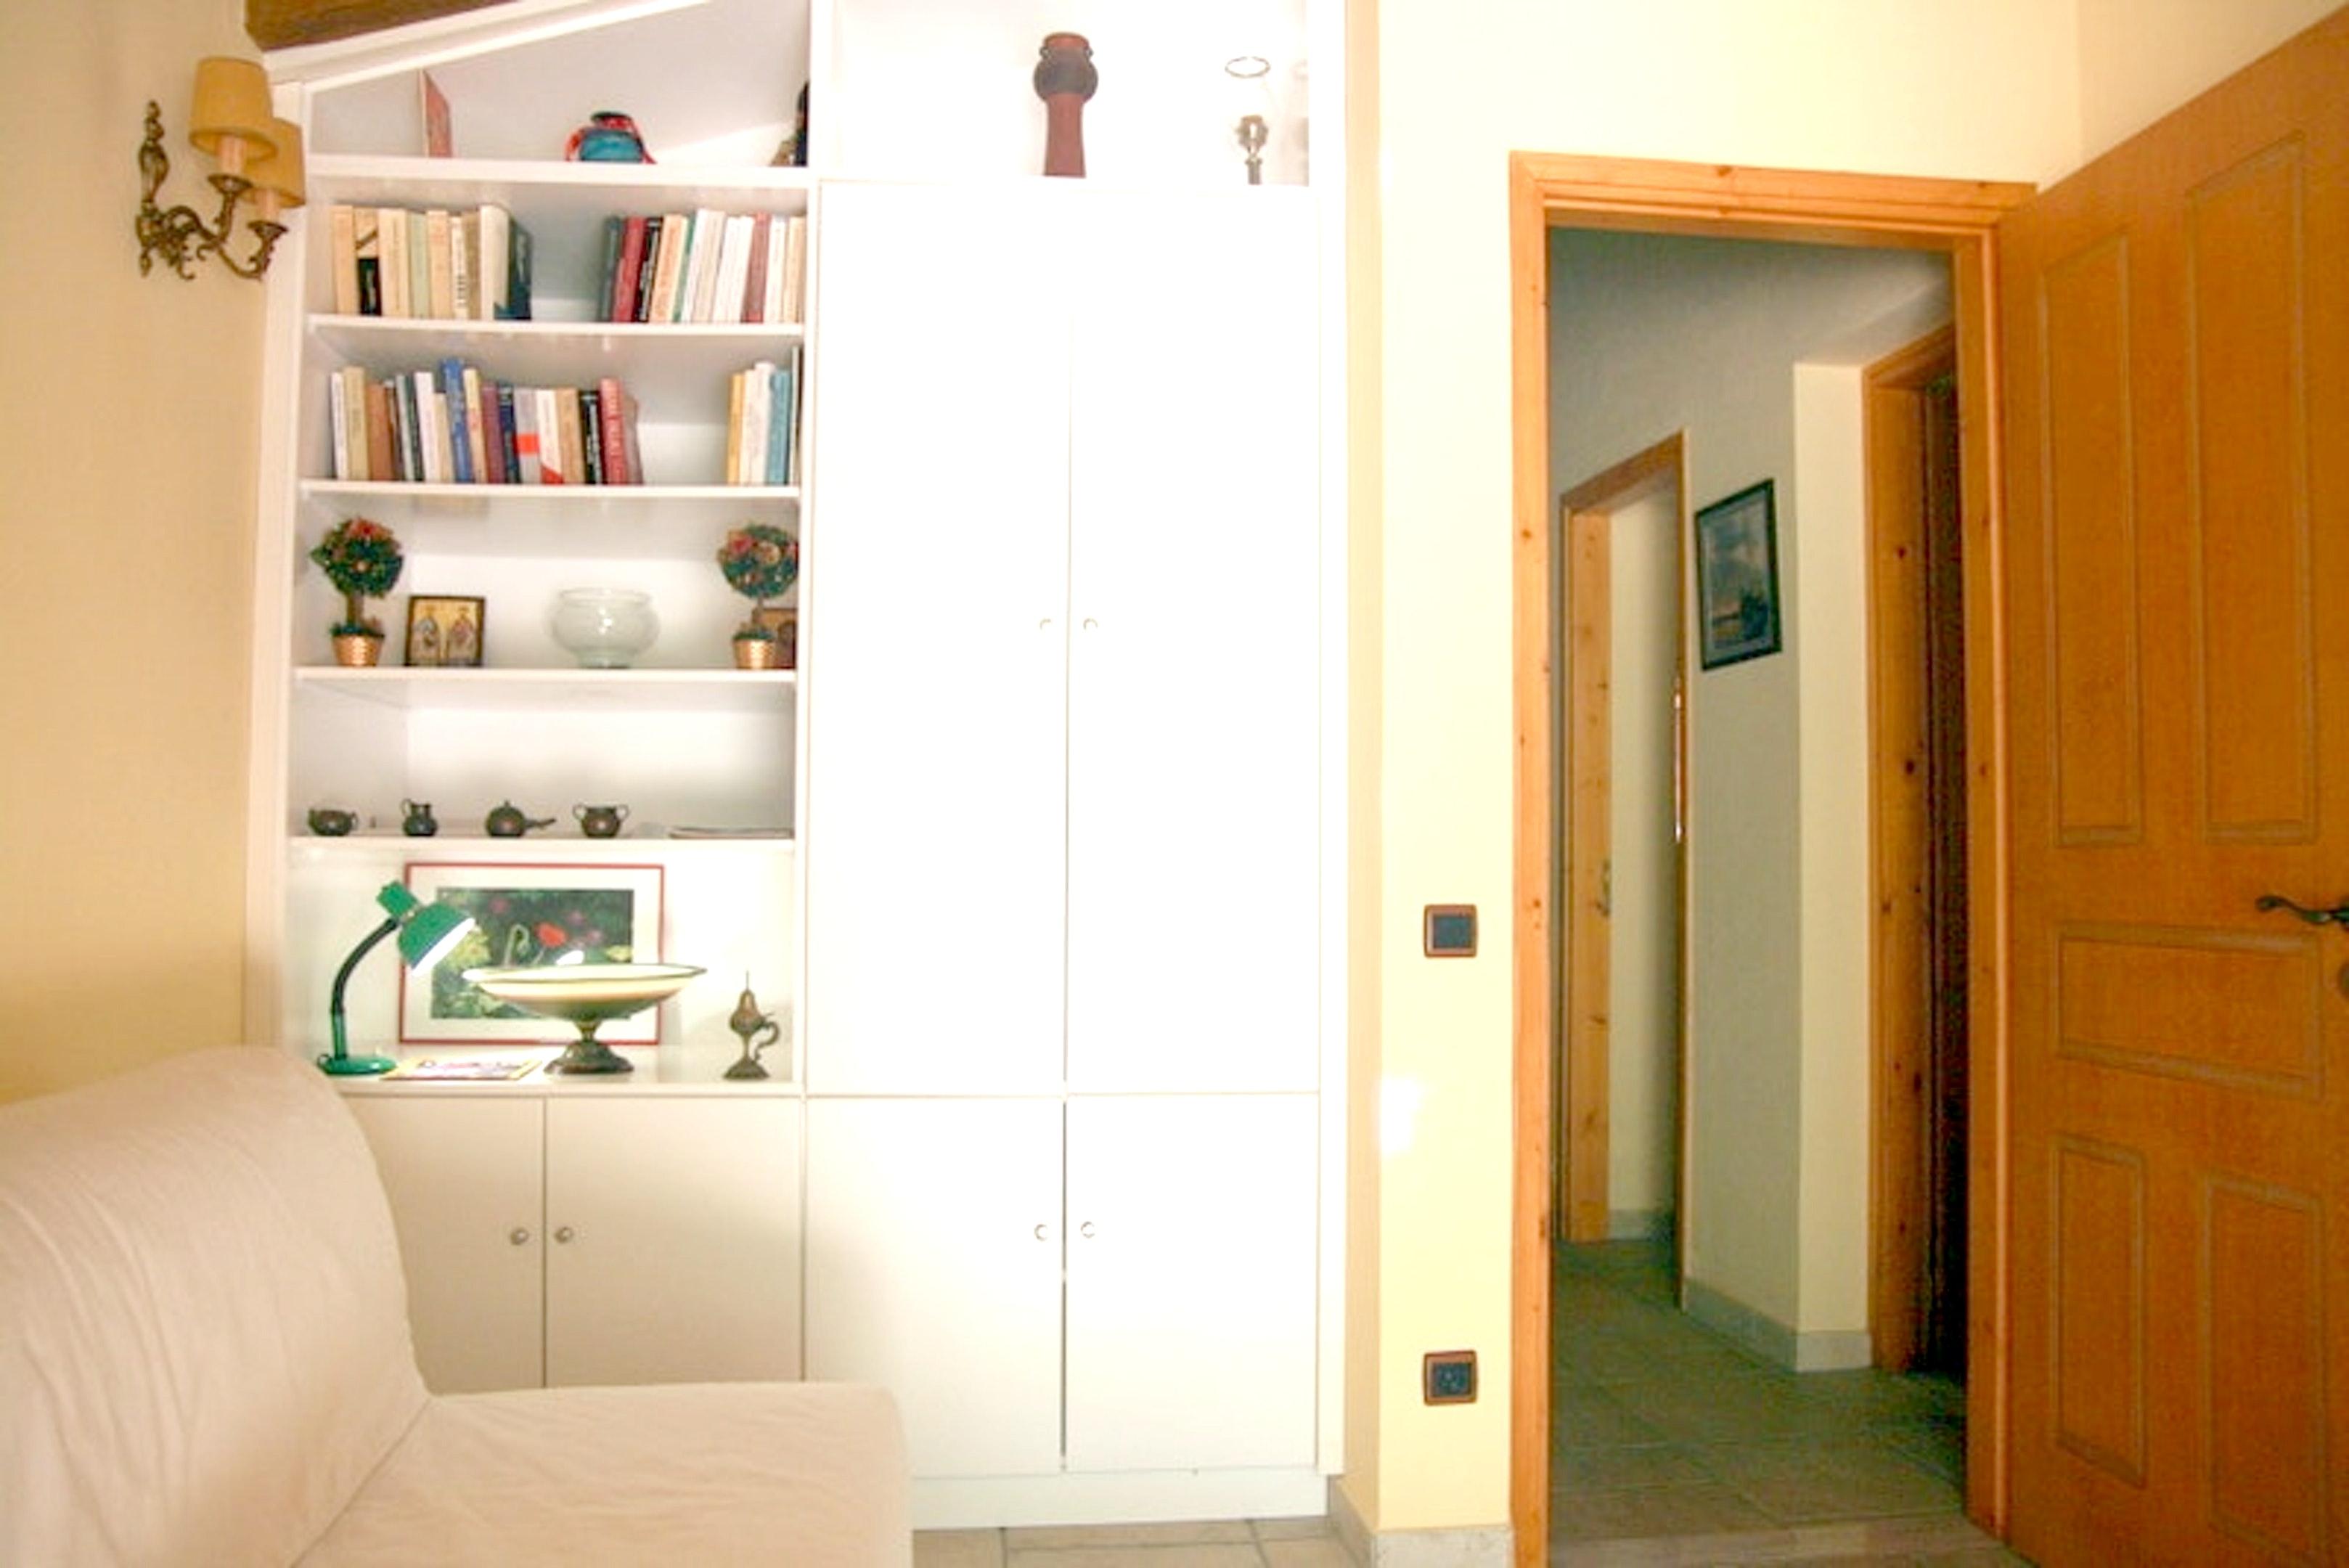 Maison de vacances Haus mit 2 Schlafzimmern in Corfou mit toller Aussicht auf die Berge (2202447), Moraitika, Corfou, Iles Ioniennes, Grèce, image 7